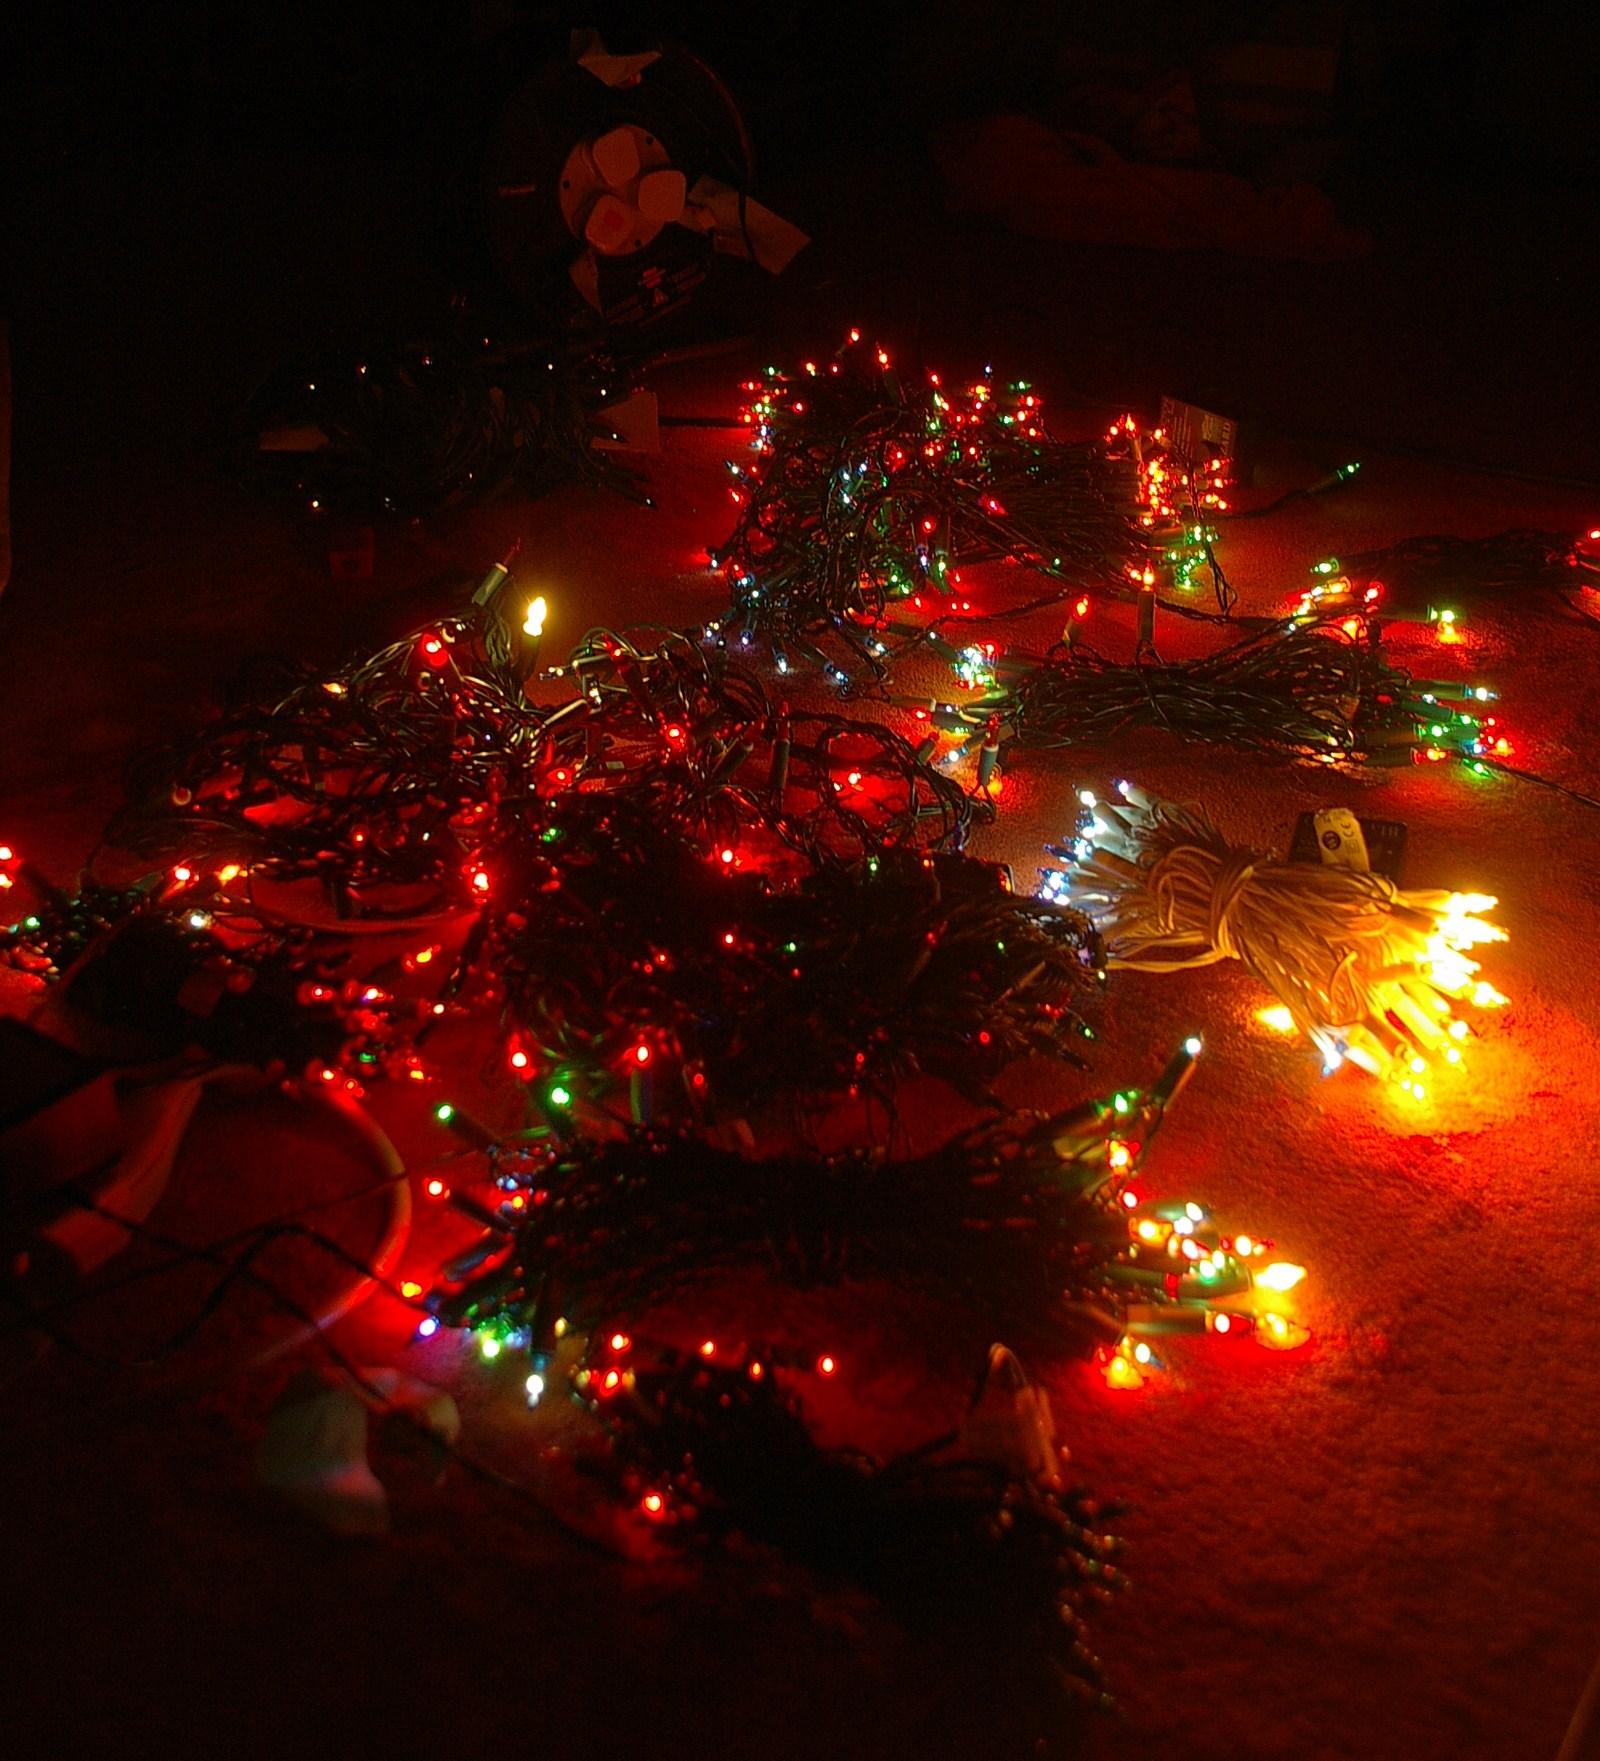 Full Size of Weihnachtsbeleuchtung Fenster Amazon Batterie Innen Figuren Hornbach Mit Kabel Led Fr Ein Funkelndes Weihnachtsfest Einbruchschutz Folie Fliegennetz Schüco Fenster Weihnachtsbeleuchtung Fenster